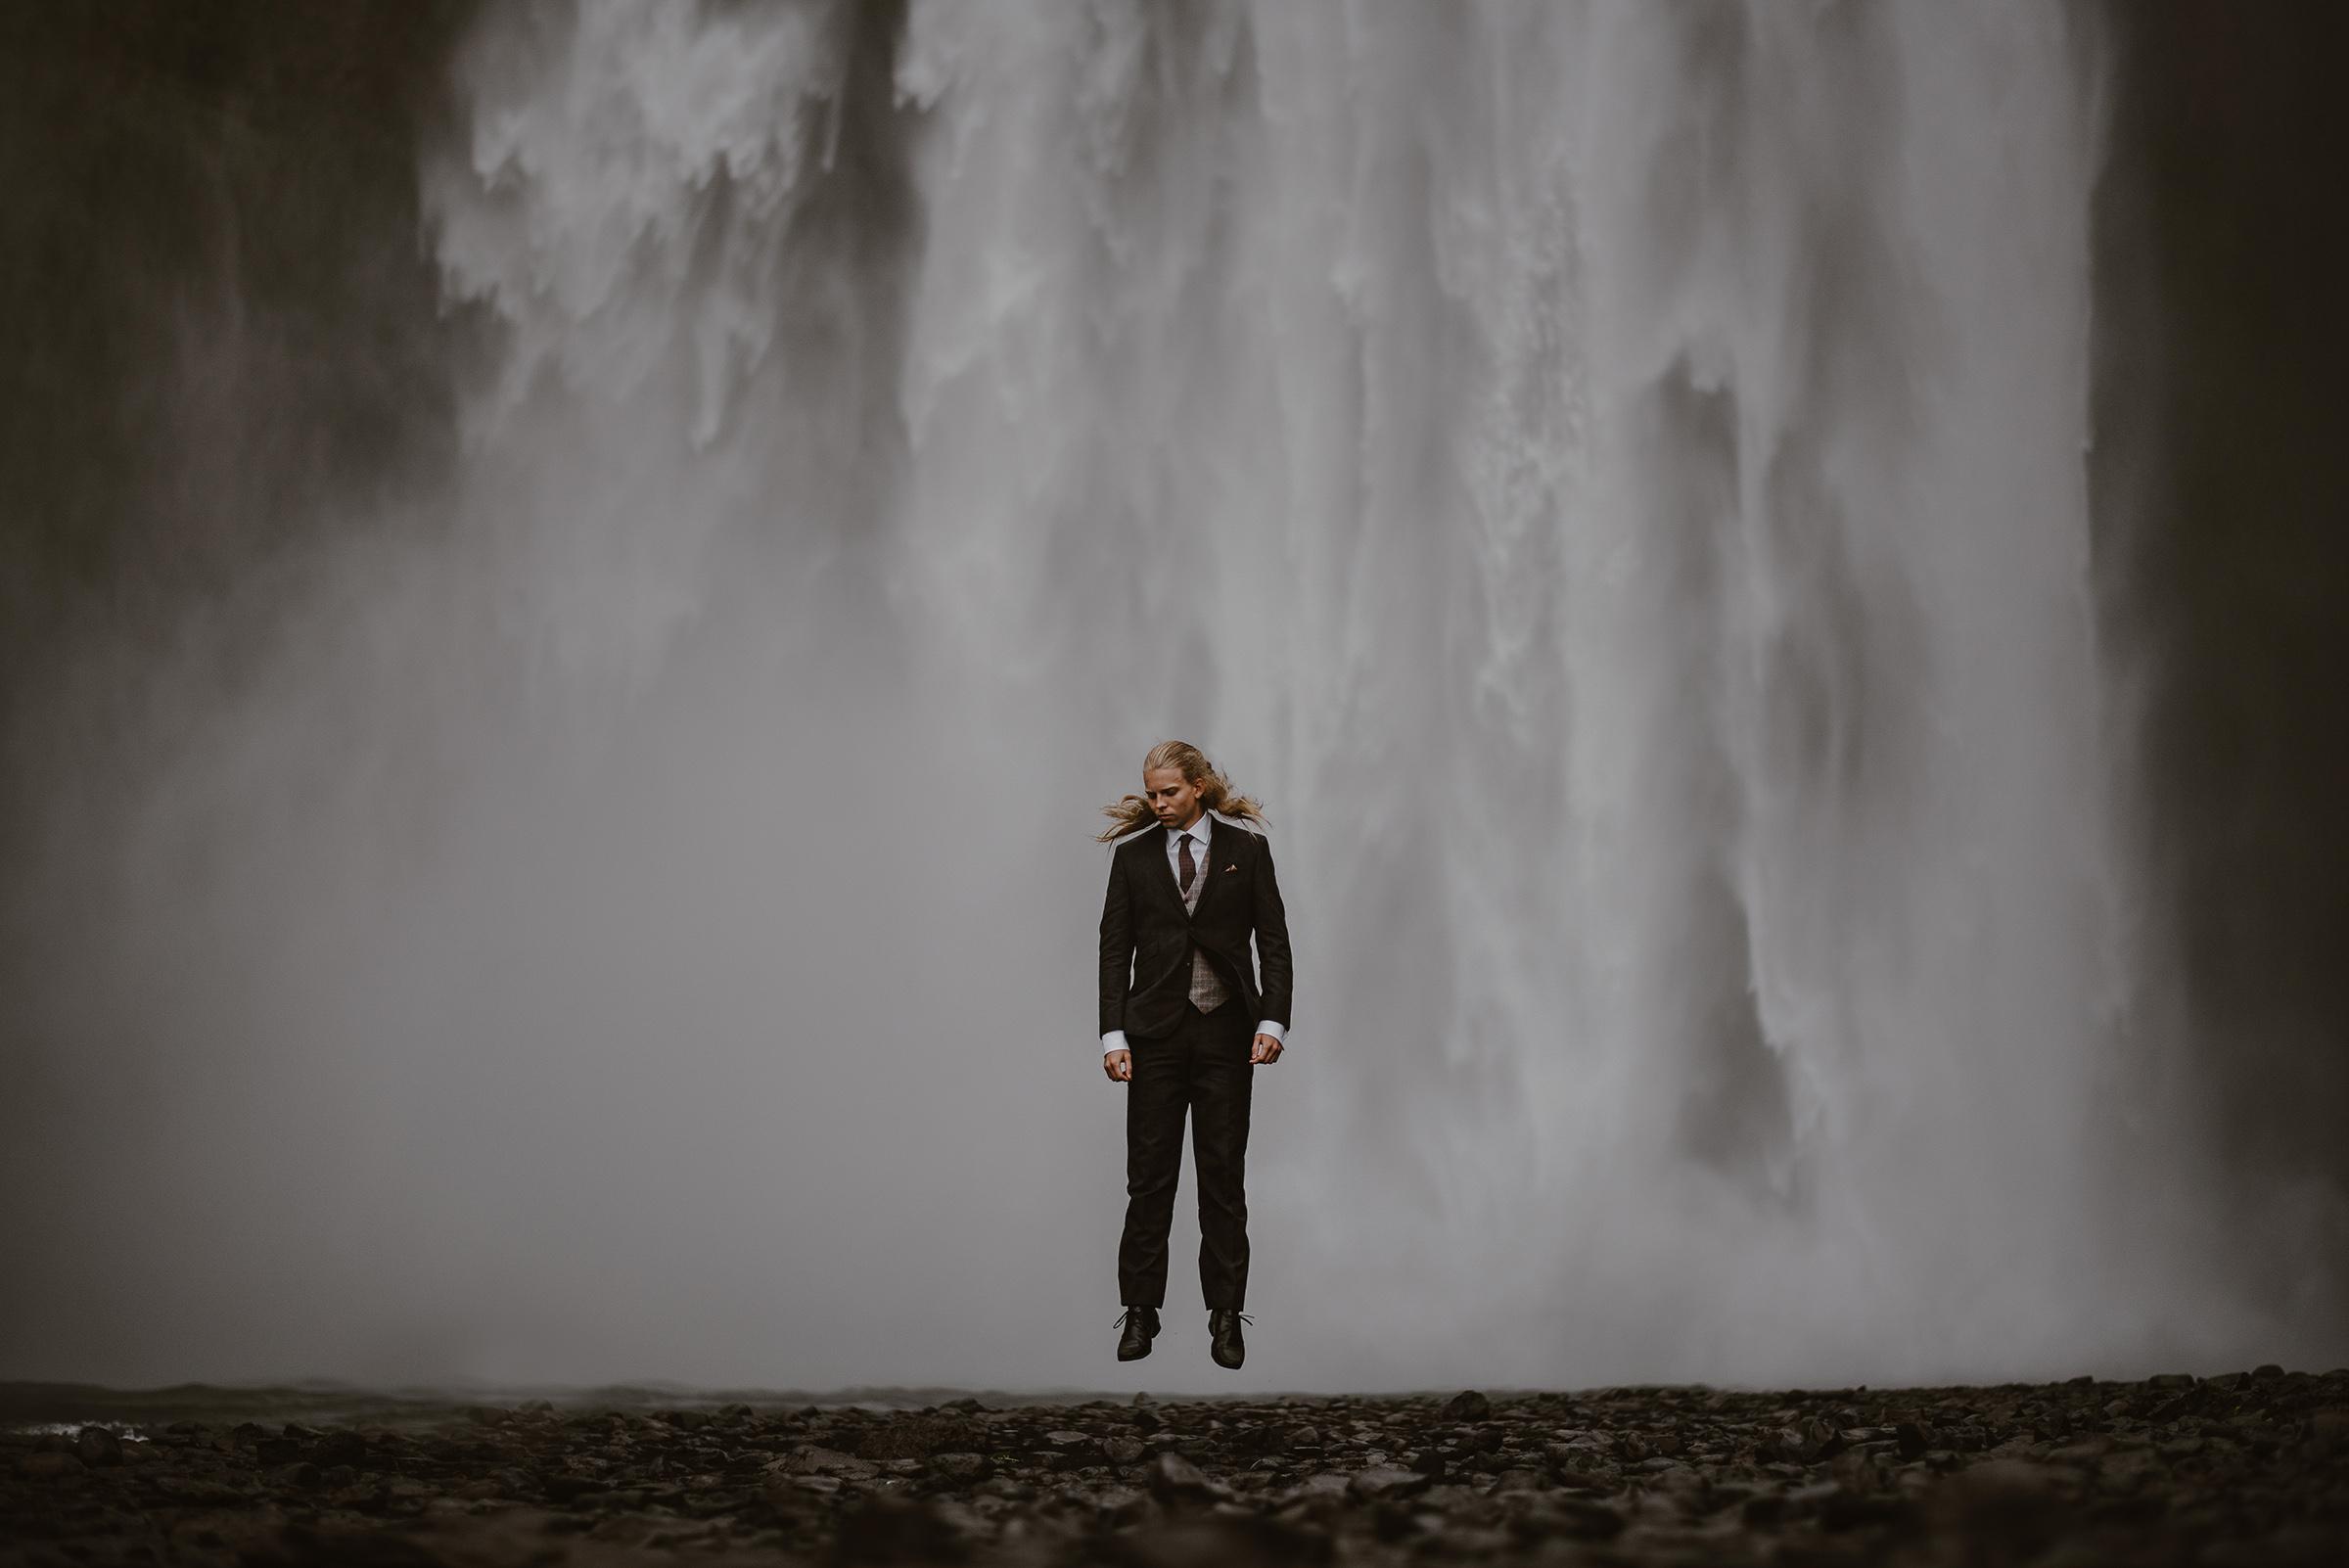 Groom levitating against waterfall - photo by Virginia & Evan